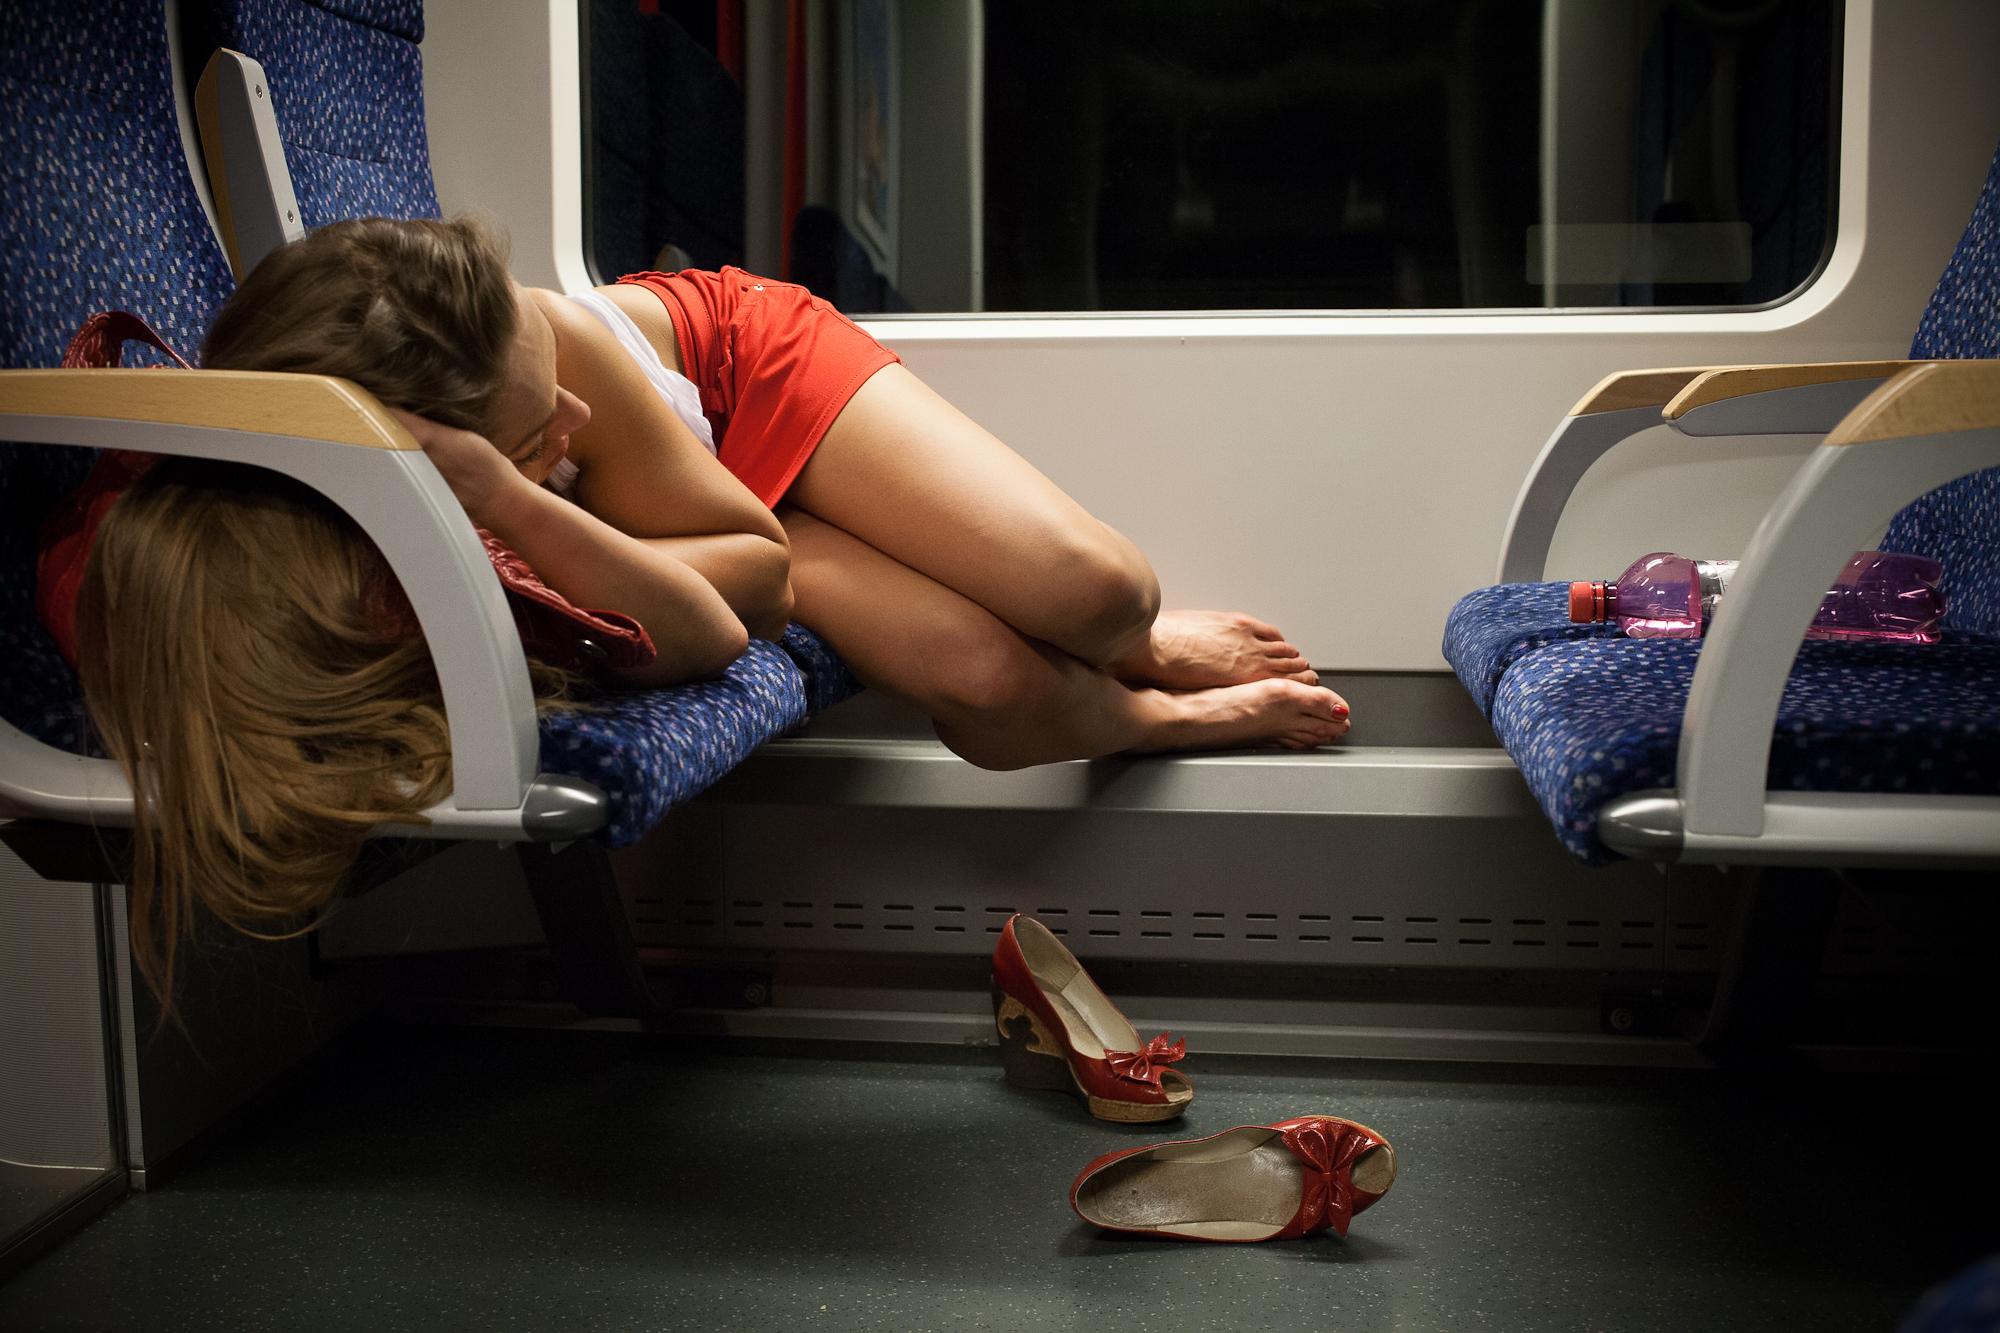 Спящая девушка в поезде фото 10 фотография